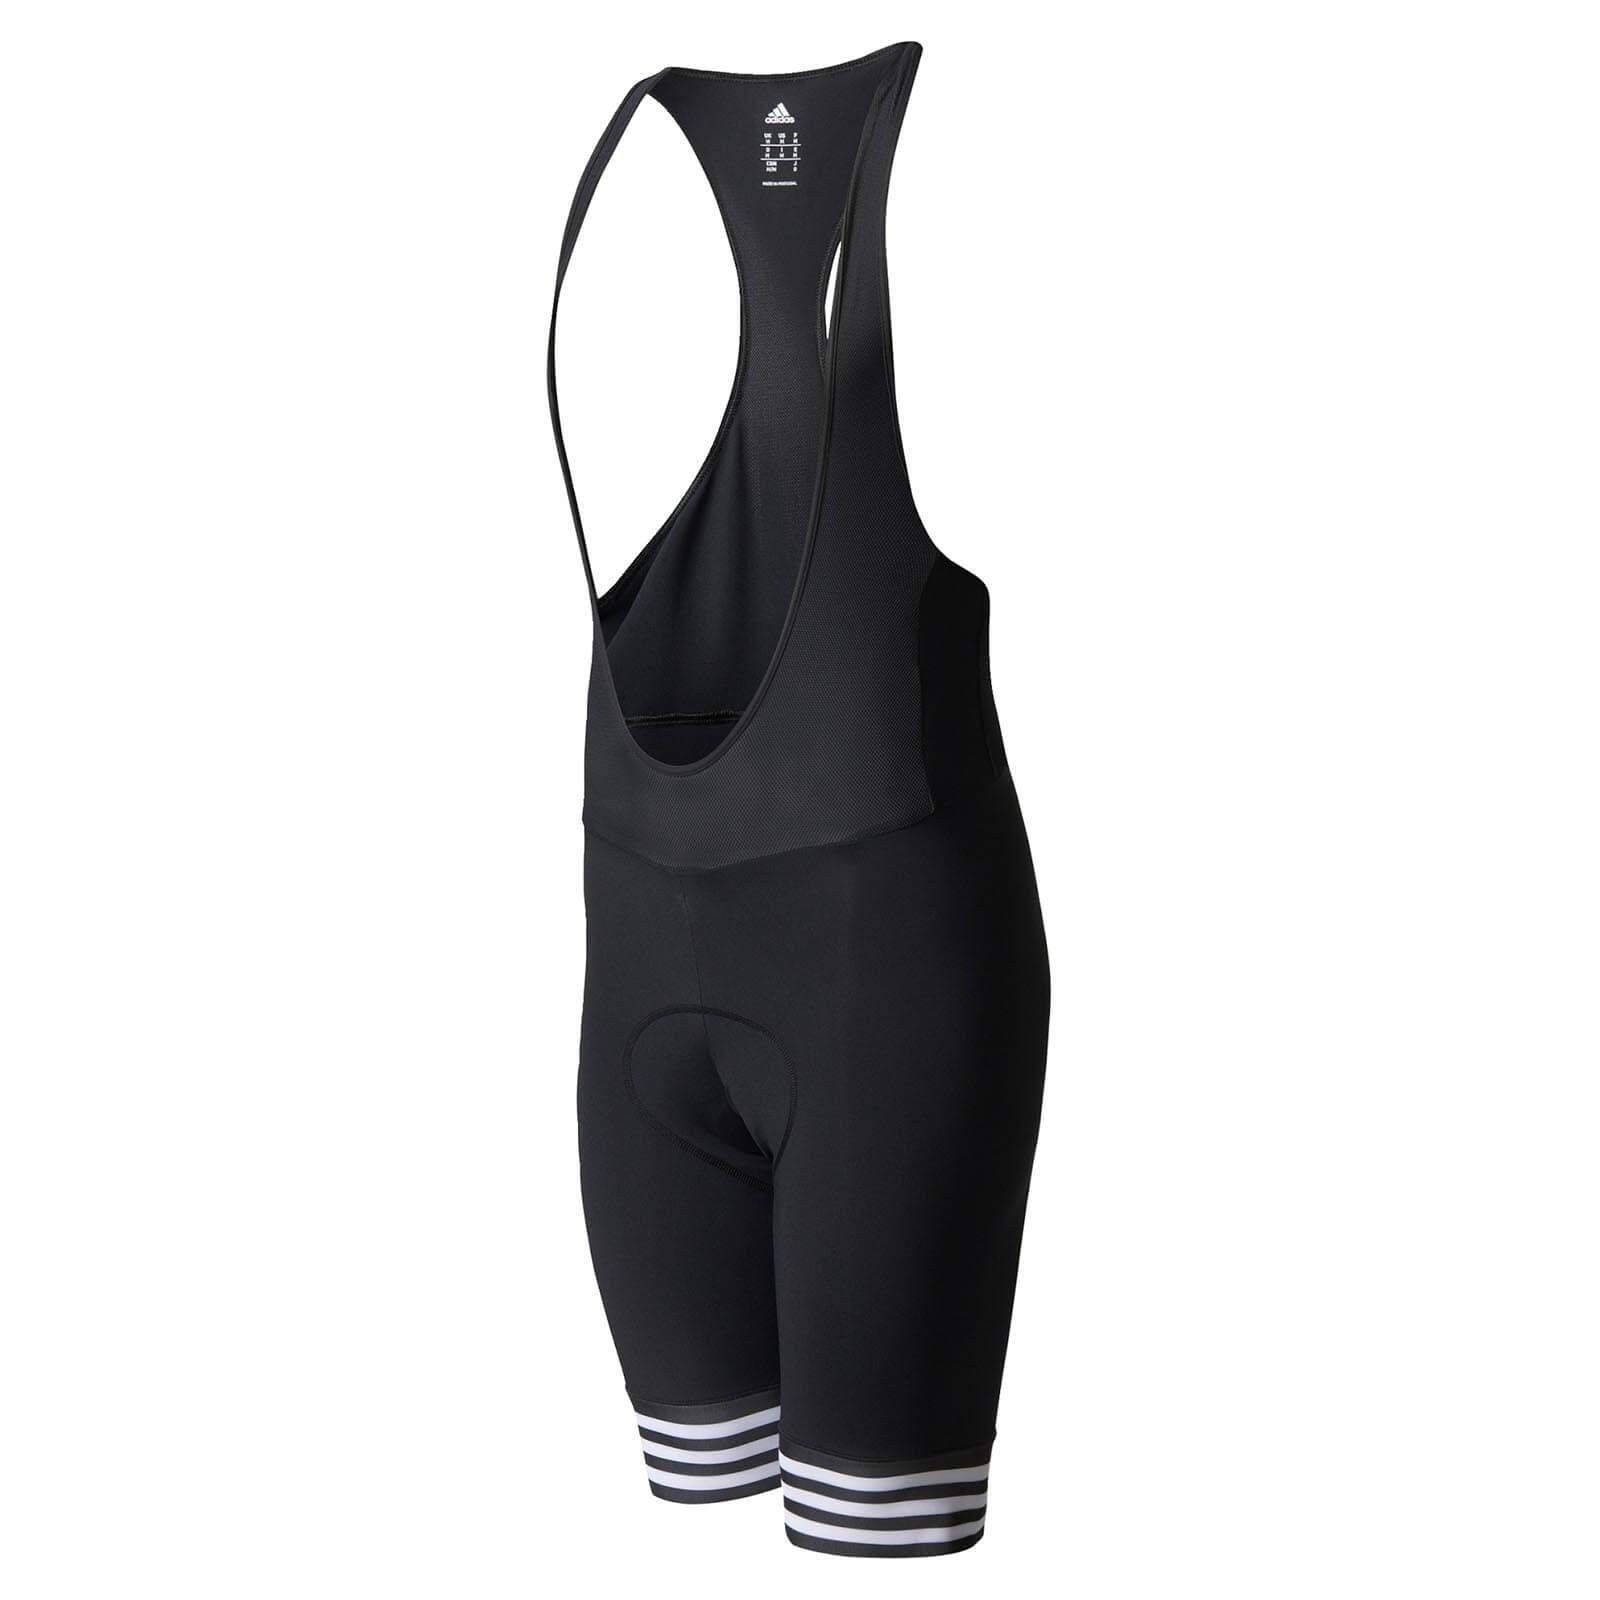 4a58ef24f46 adidas Men s Adistar Zero3 Bib Shorts - Black